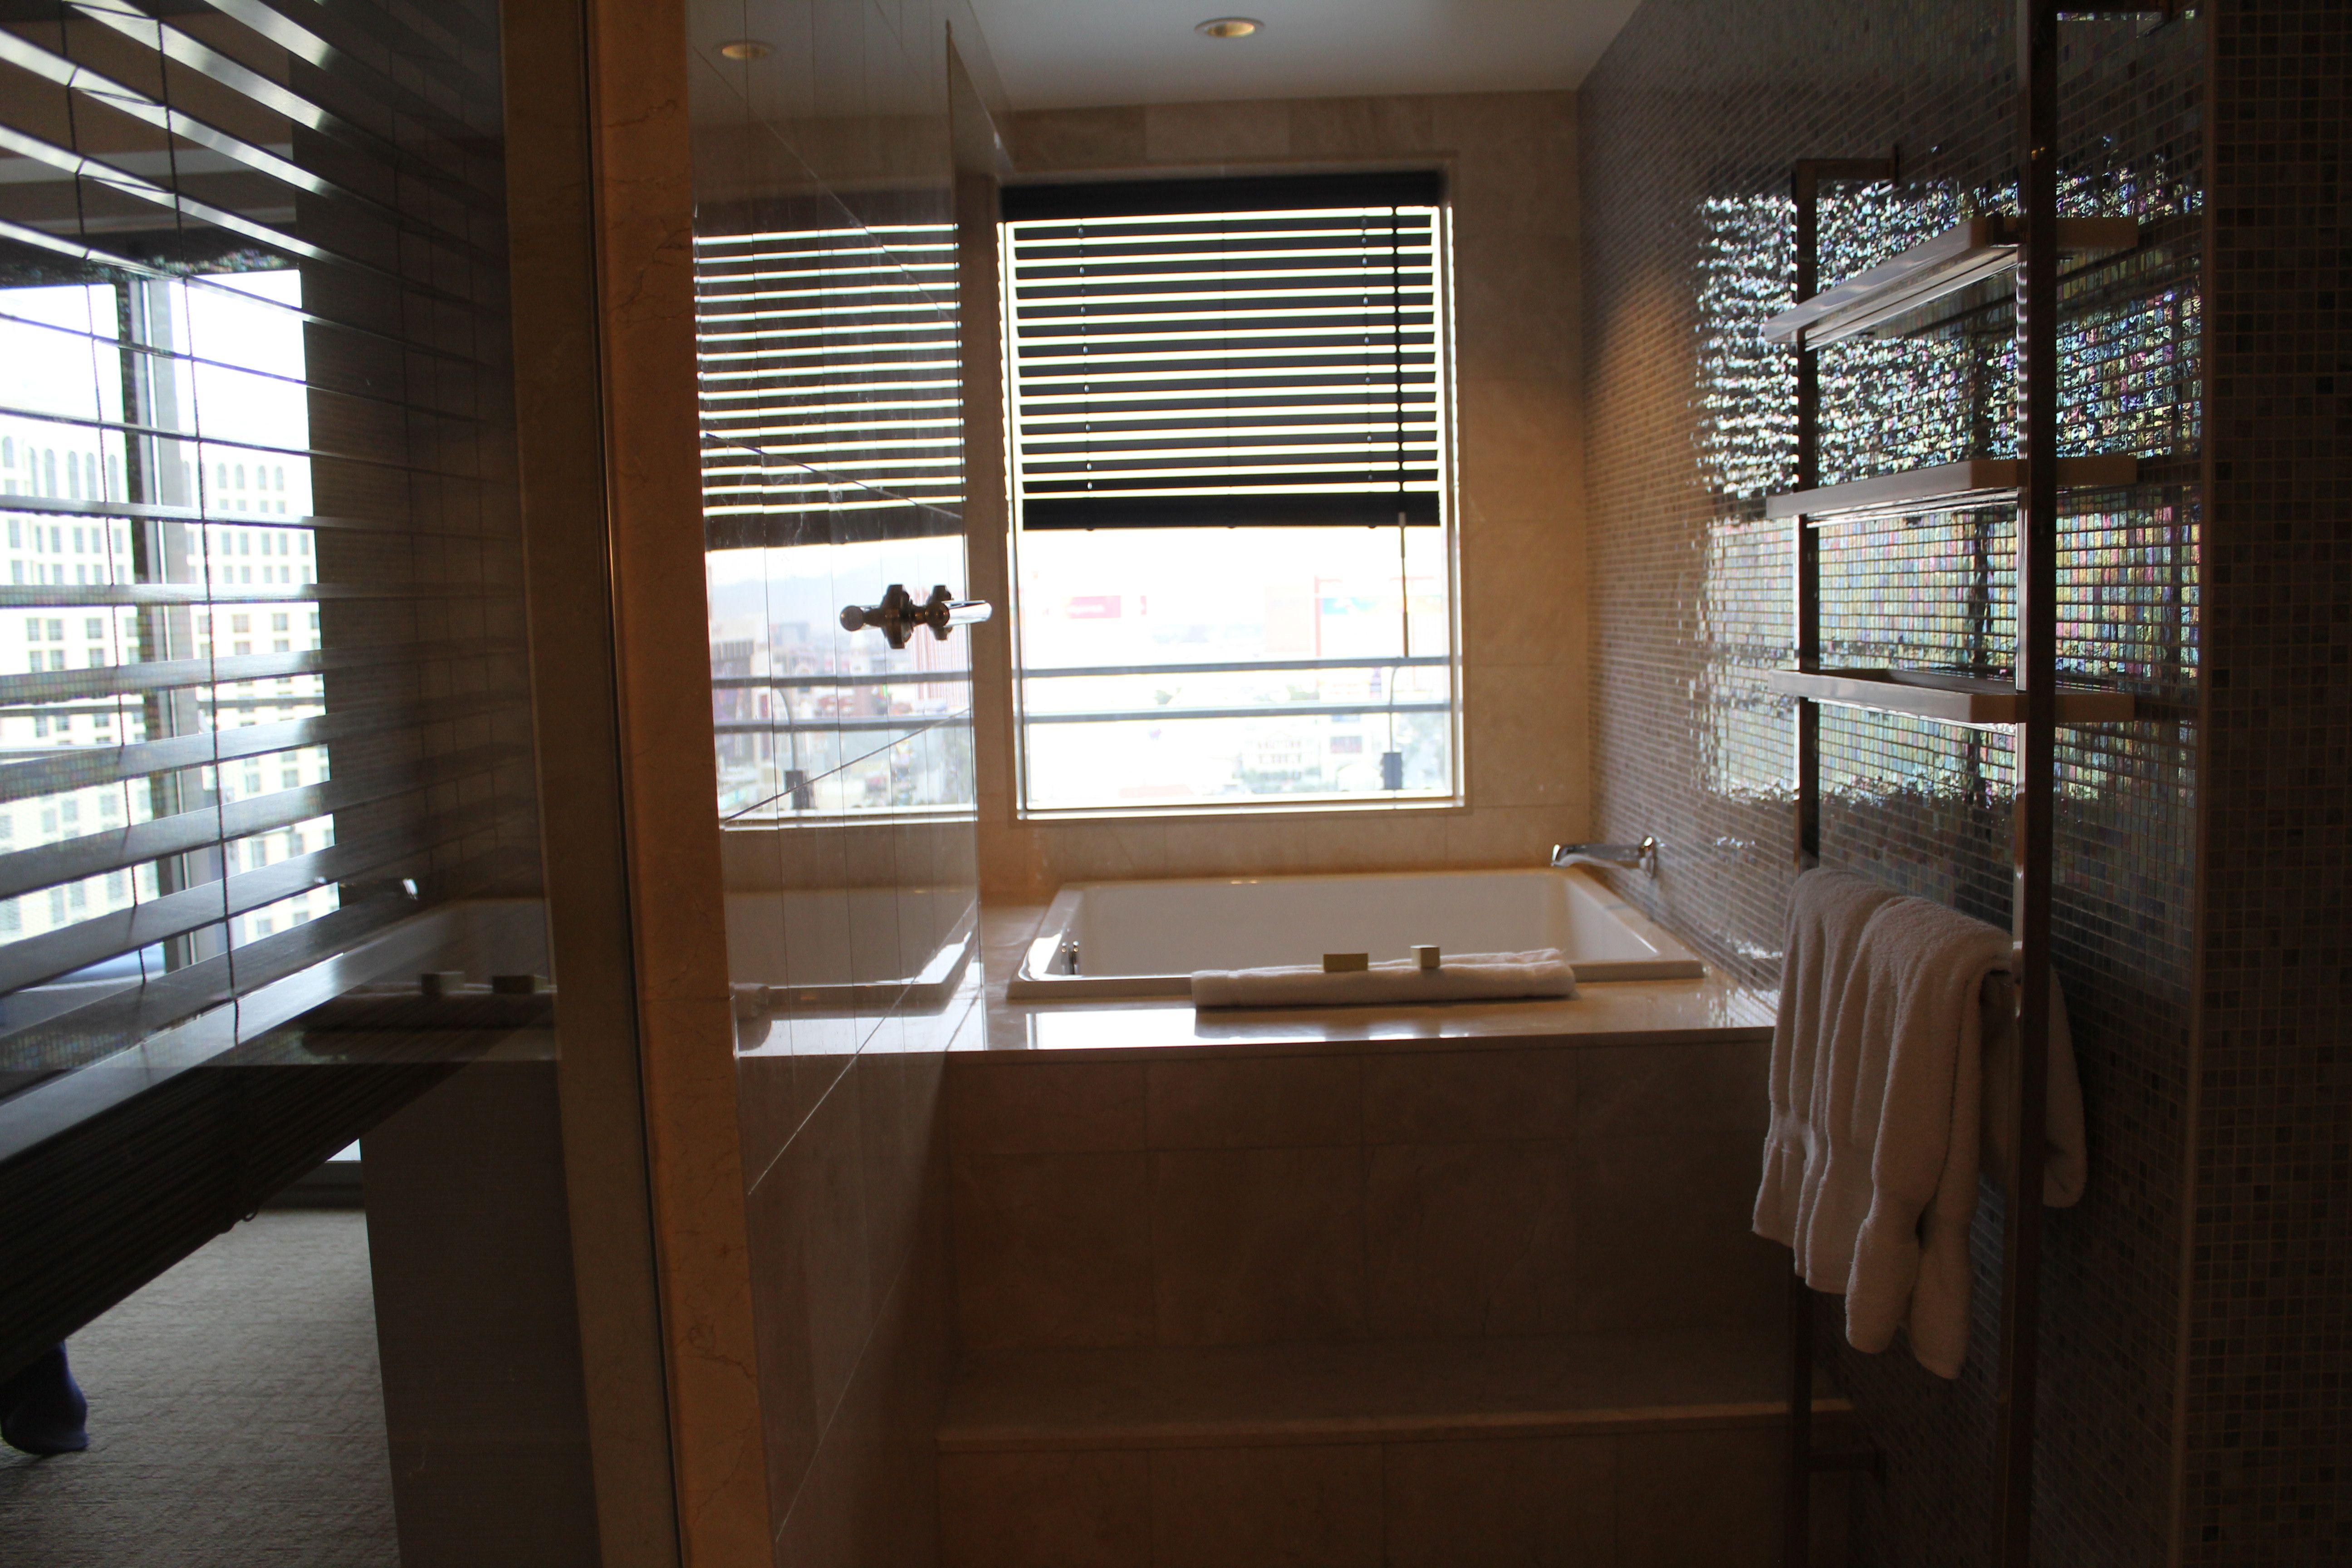 Las Vegas, NV Luxury hotel bathroom, Floor to ceiling